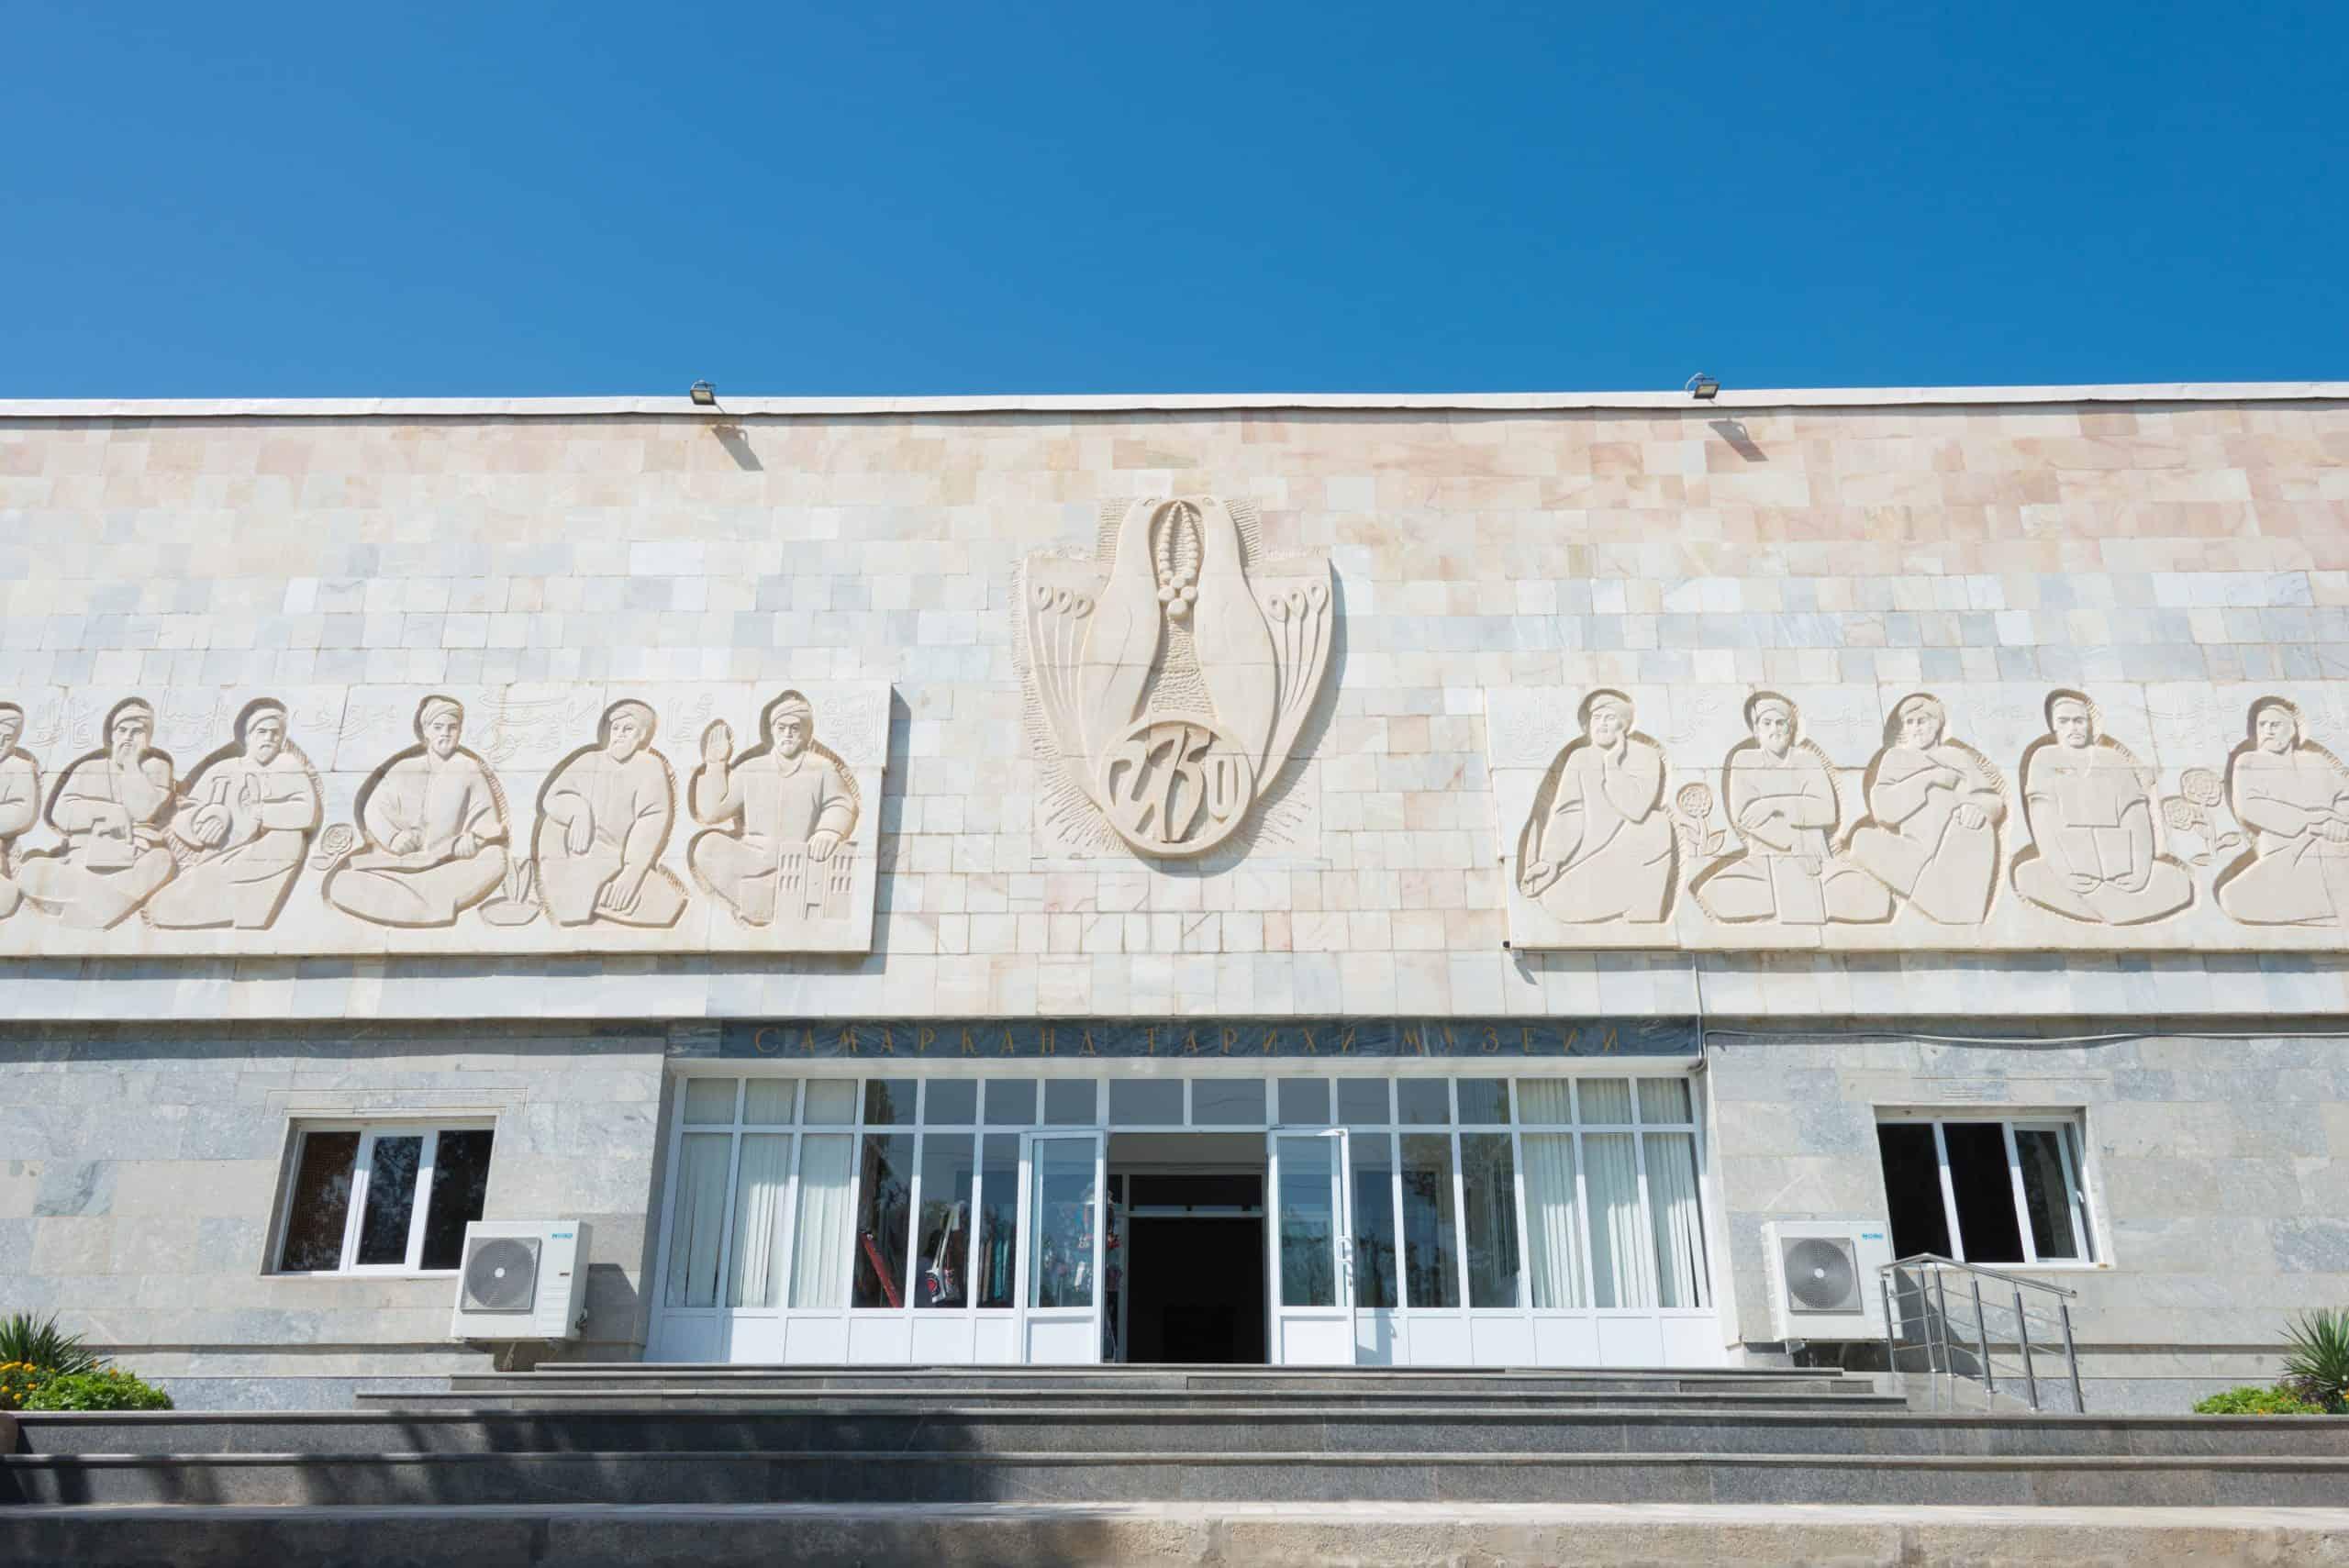 Afrasiyab Müzesi, Semerkant, Özbekistan